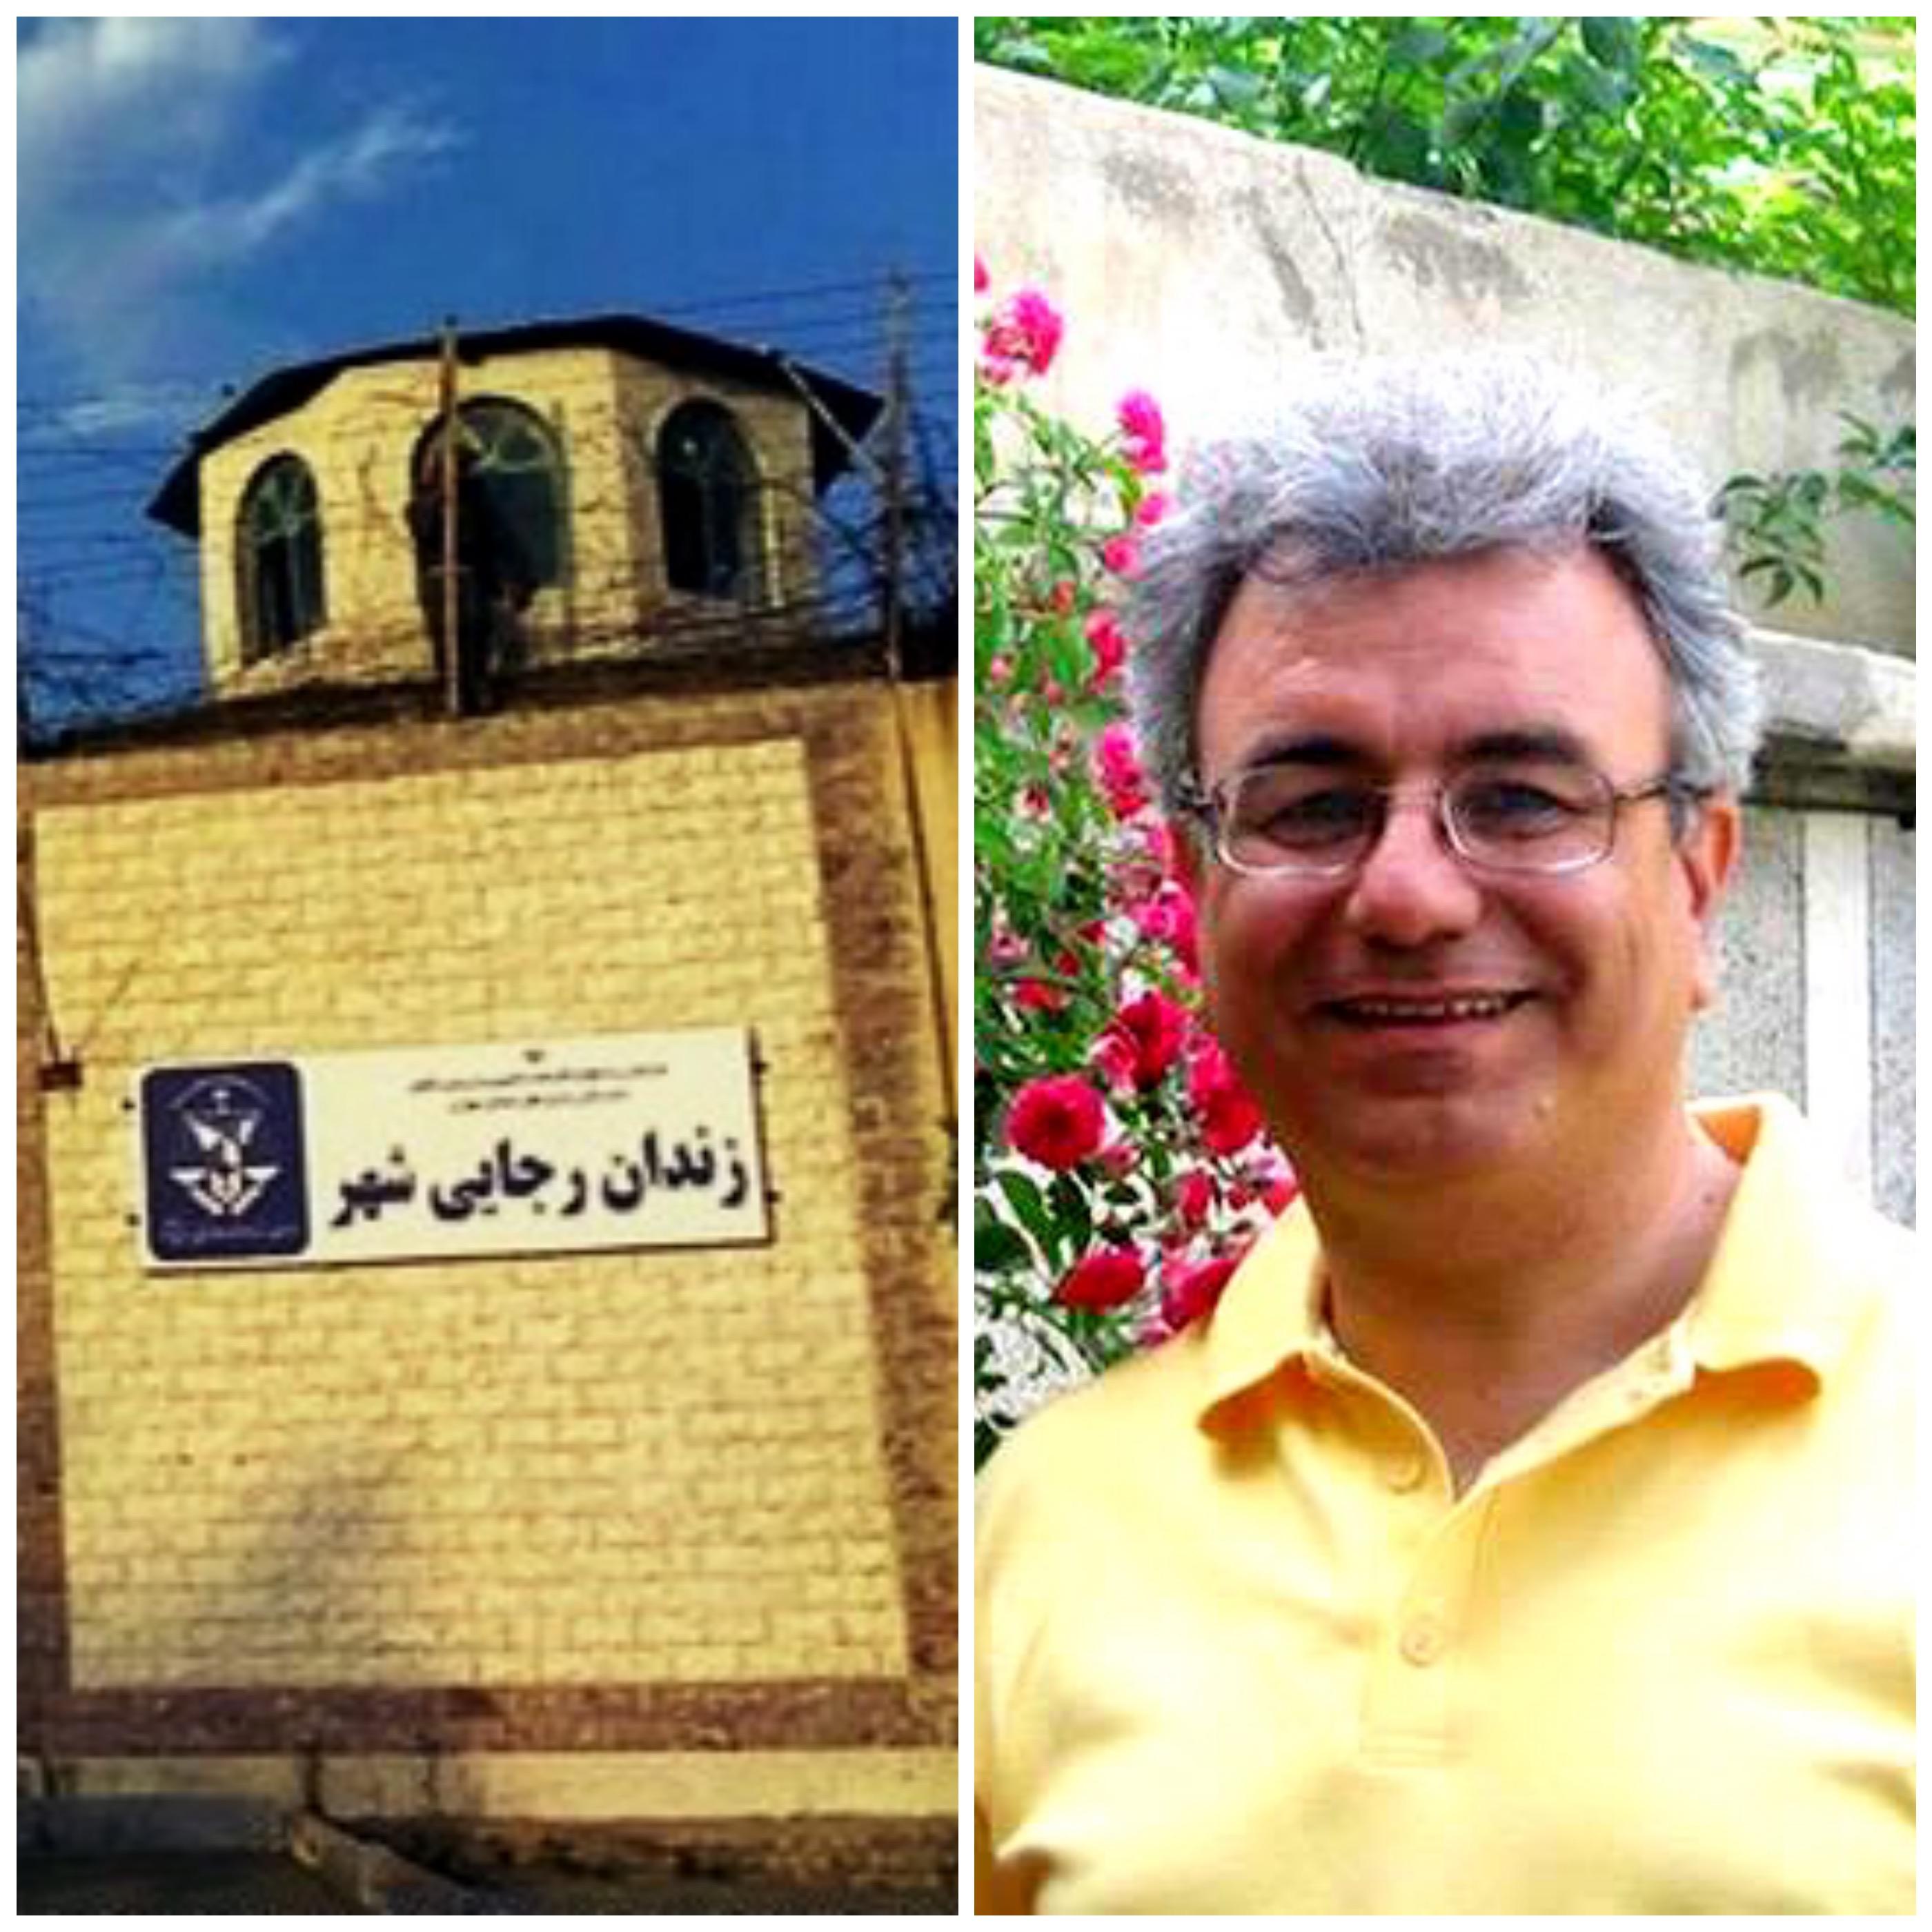 سعید رضایی در هشتمین سال حبس